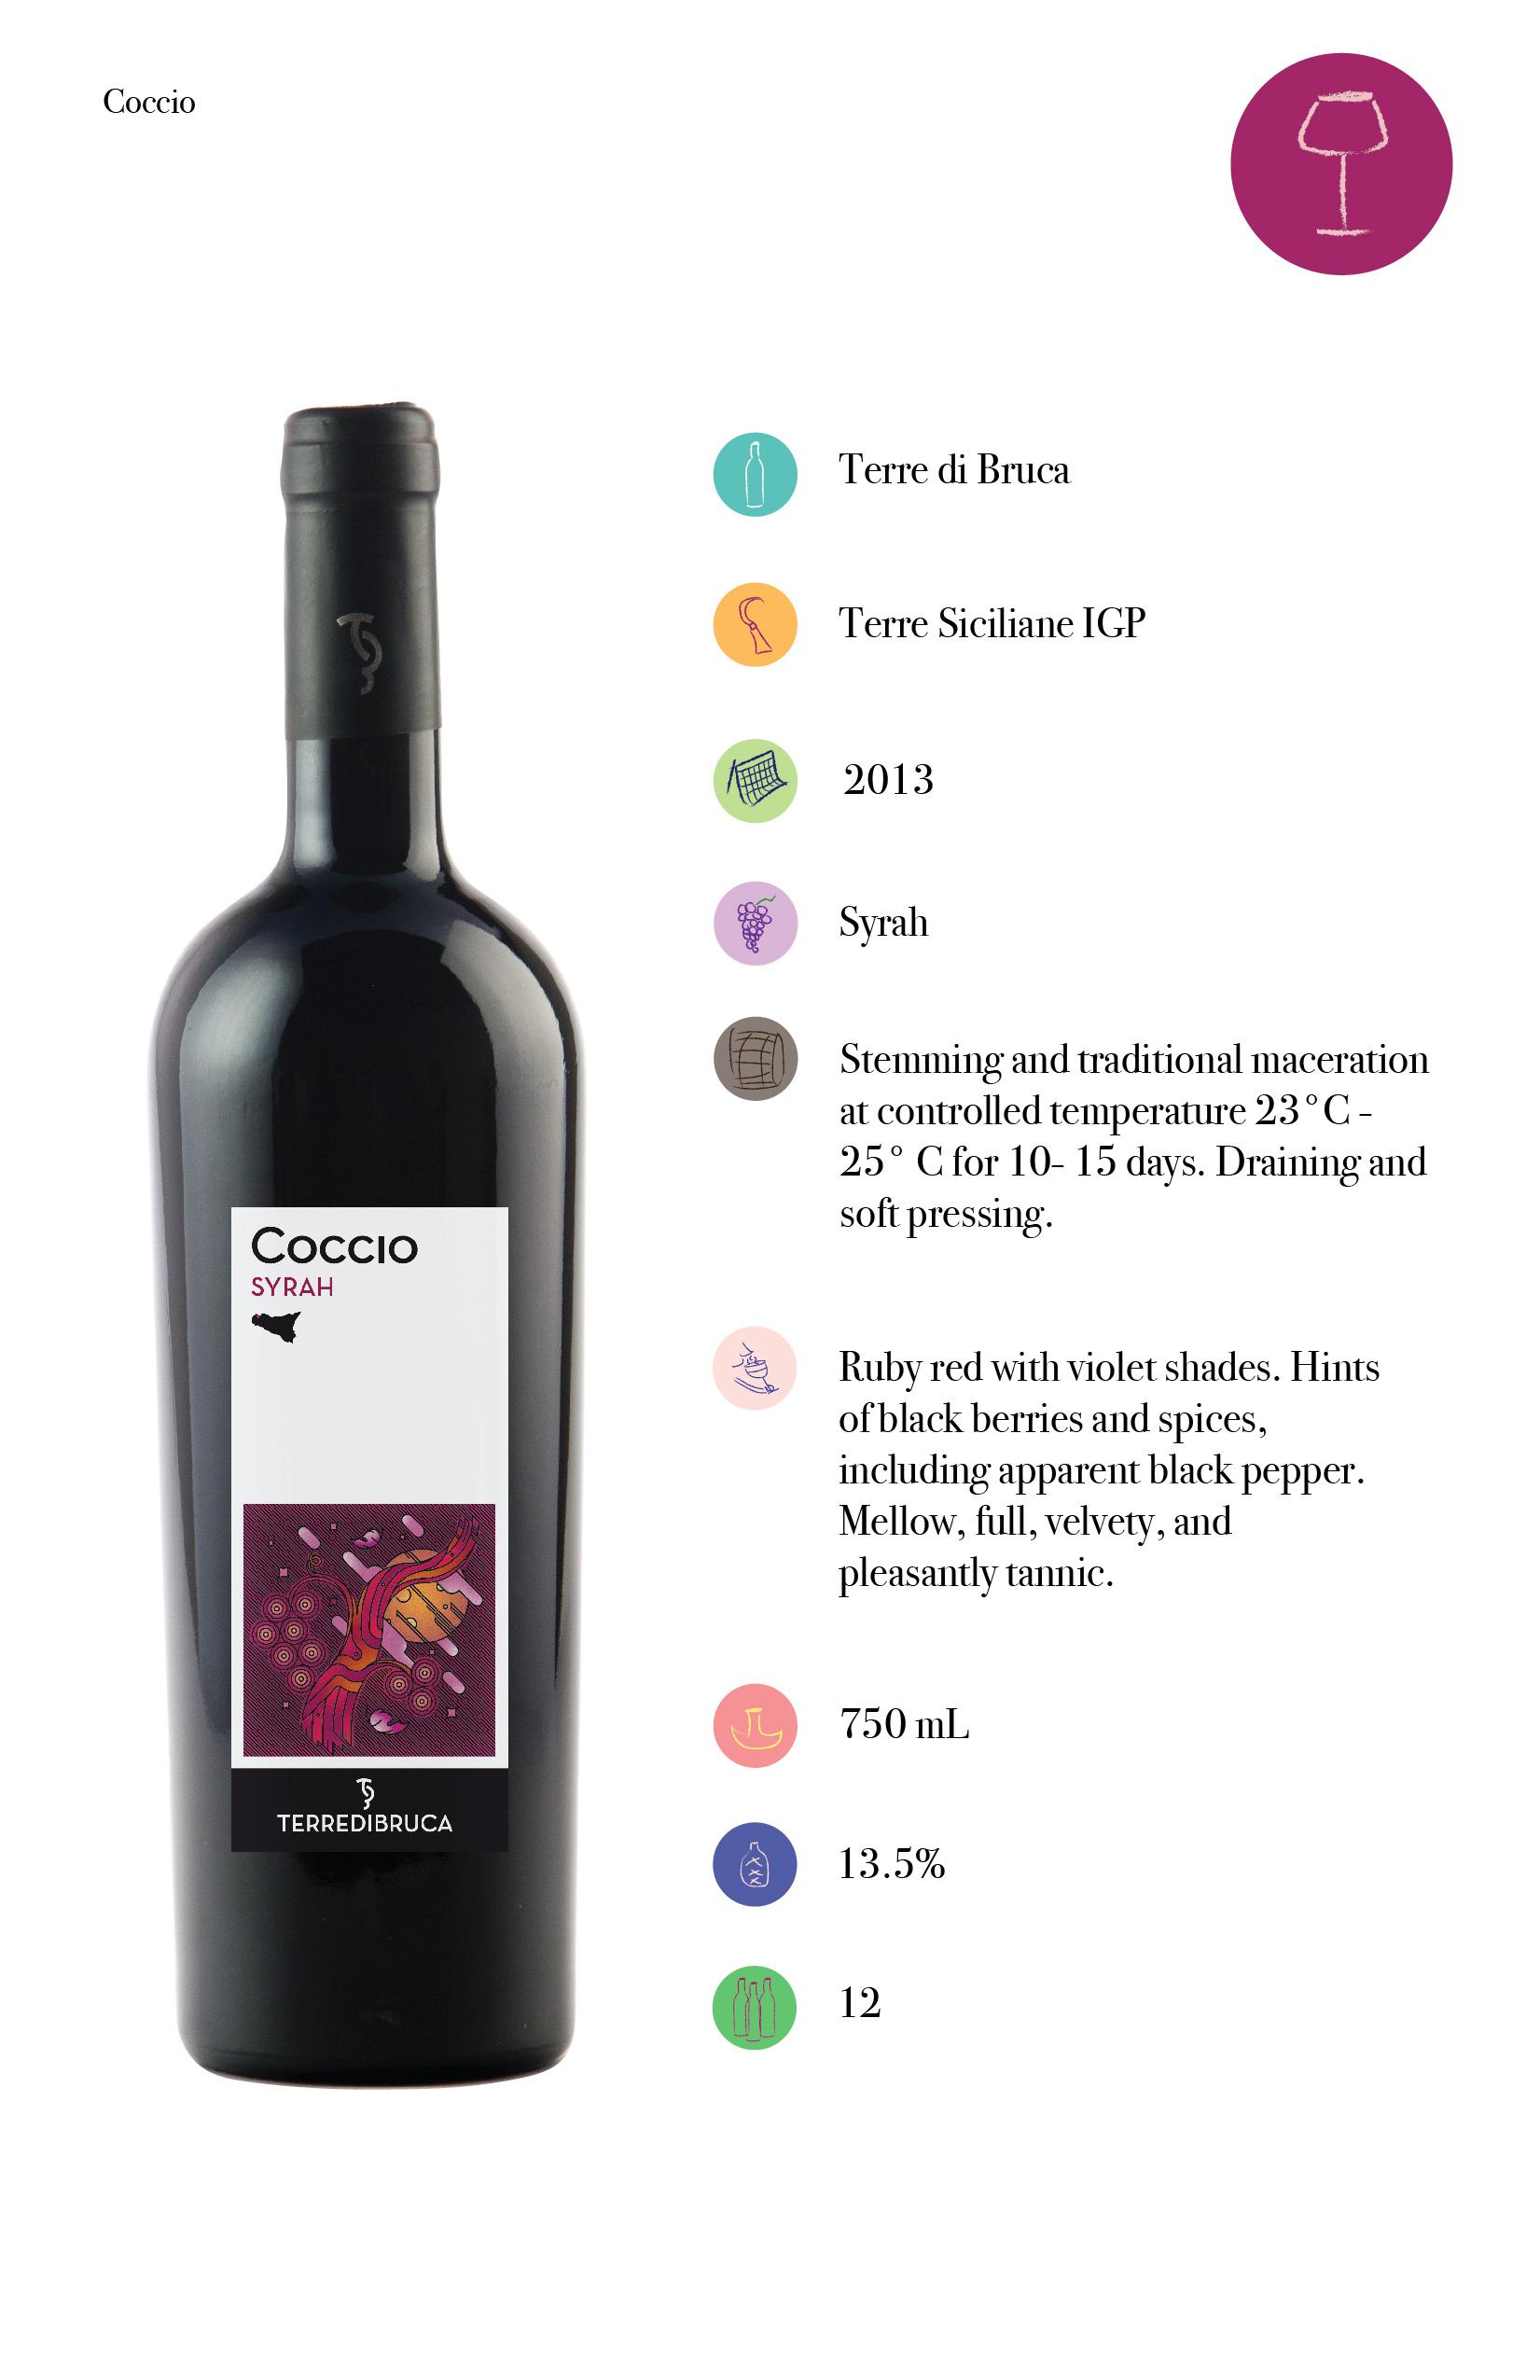 MTG Wine Booklet Images_Coccio.jpg